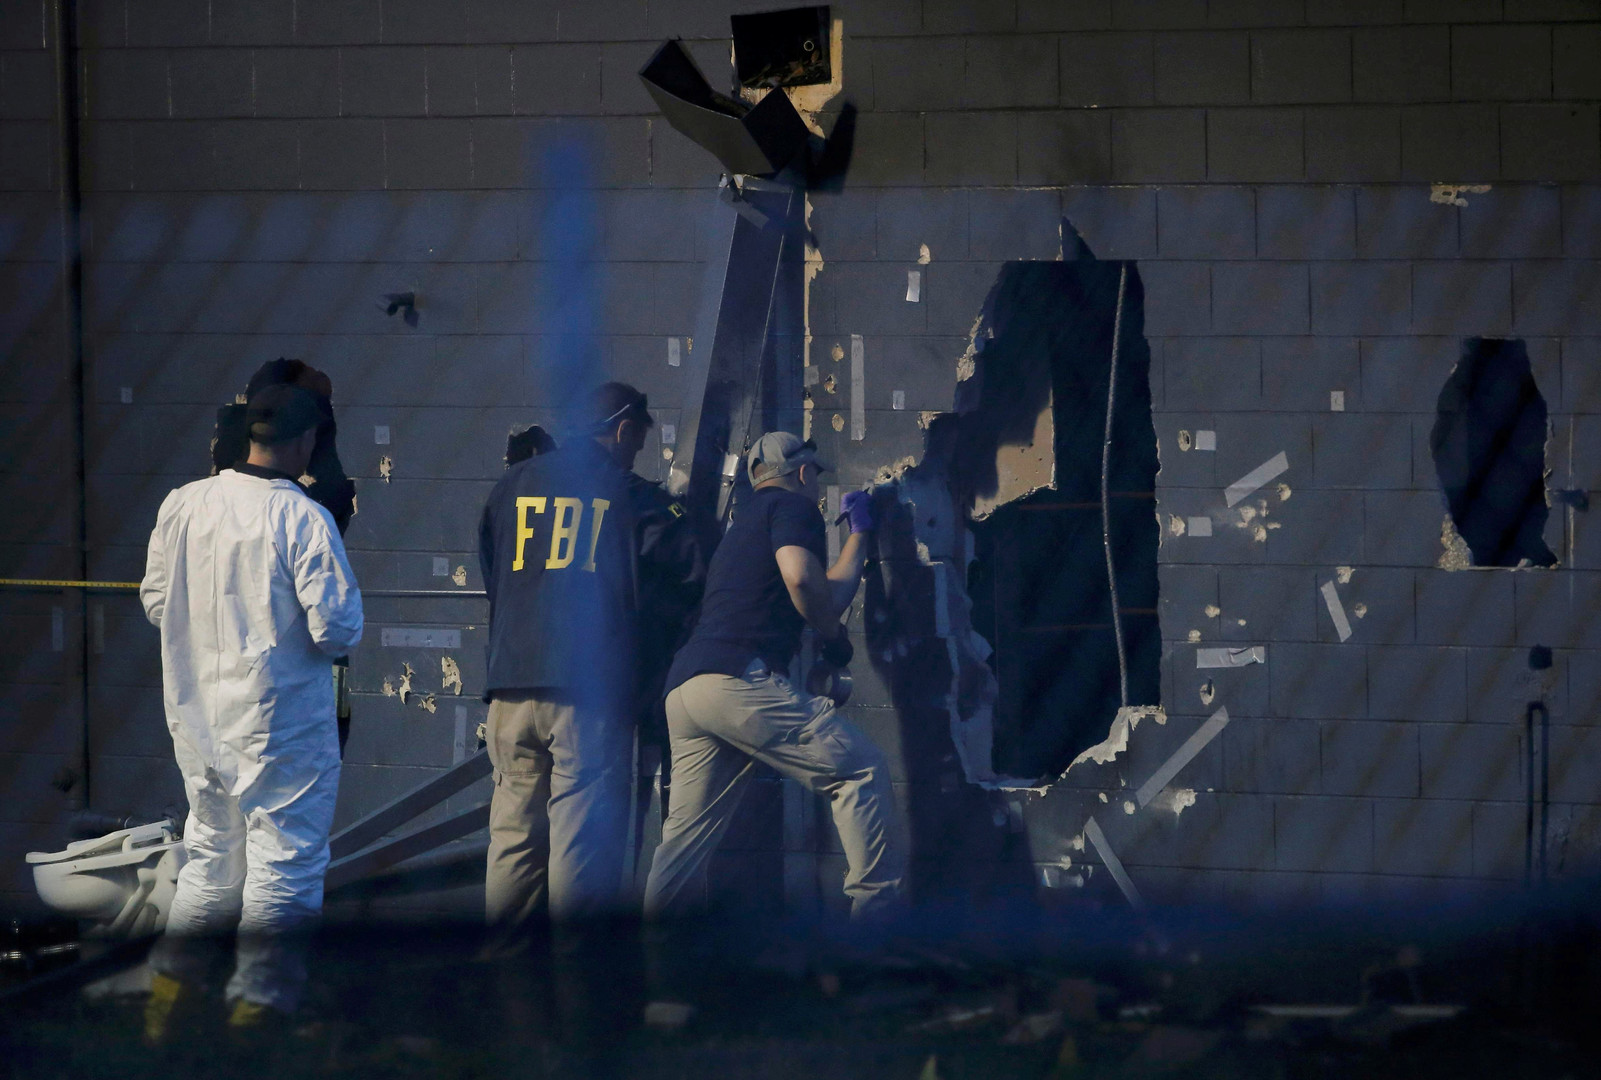 «Талибан» и семейное насилие. Что известно о семье террориста из Орландо